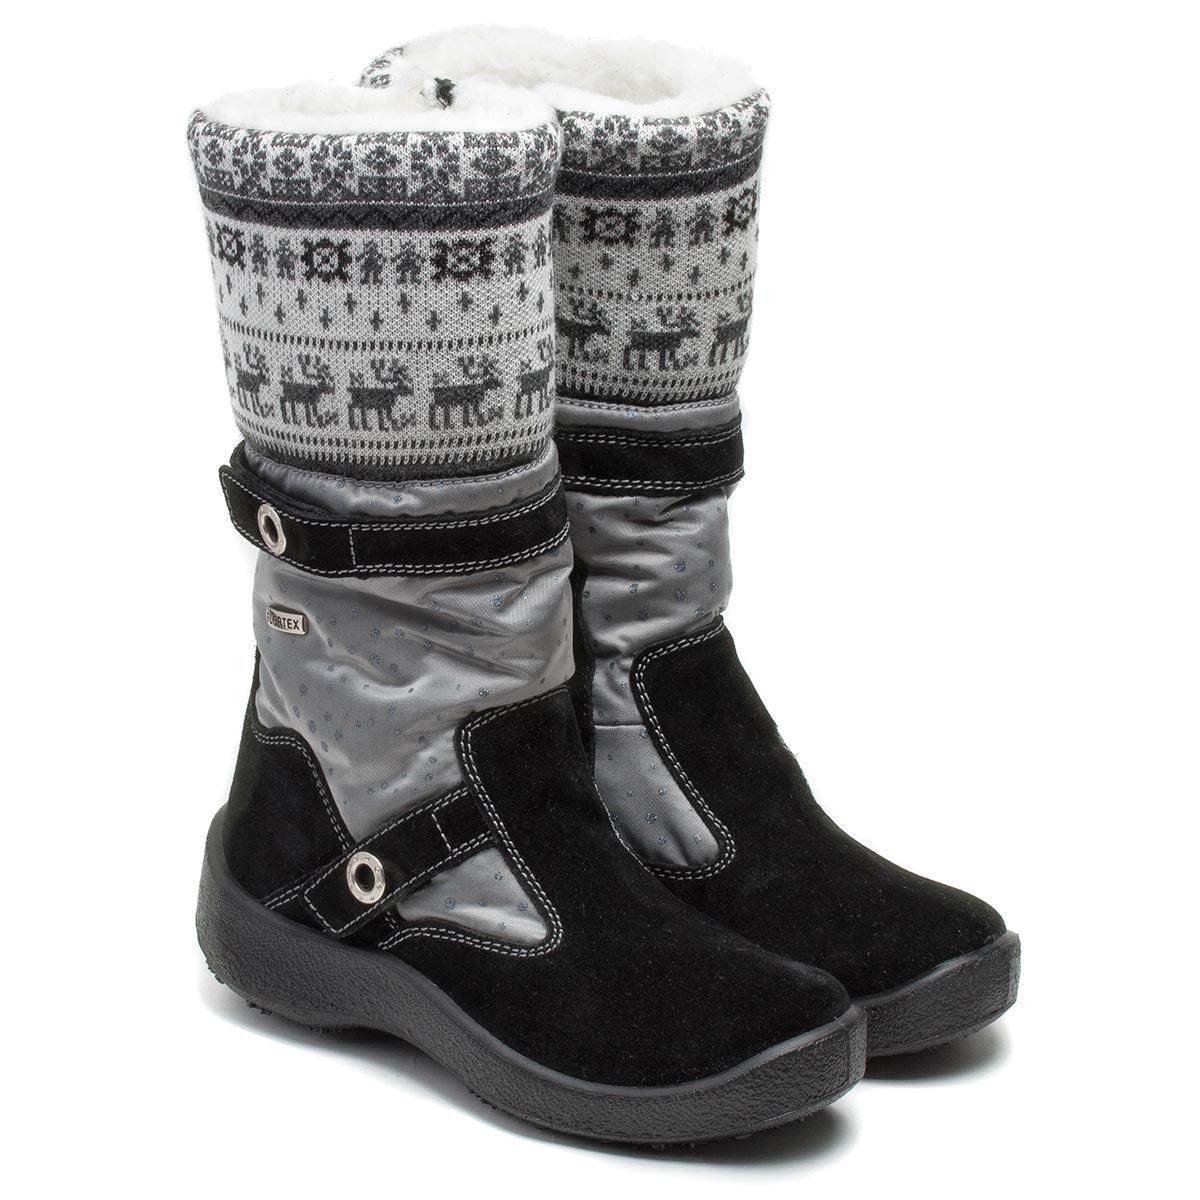 Зимние мембранные сапожки Kapika, для девочки, размер 30 - 37,5, фото 1